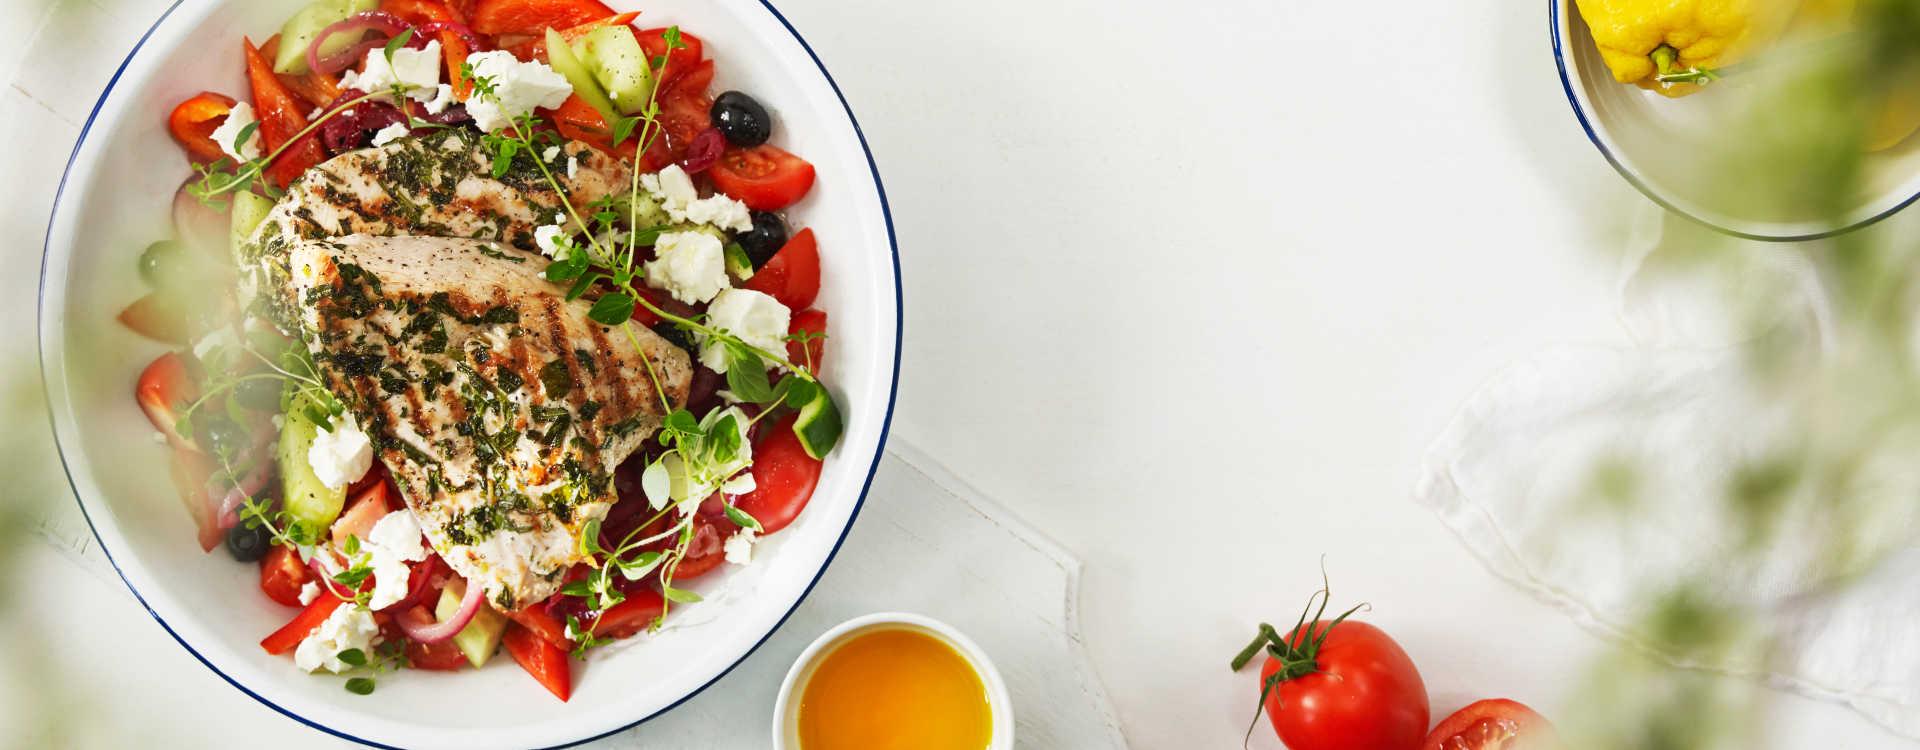 """Urtegrillet kalkunfilet med """"gresk salat"""""""